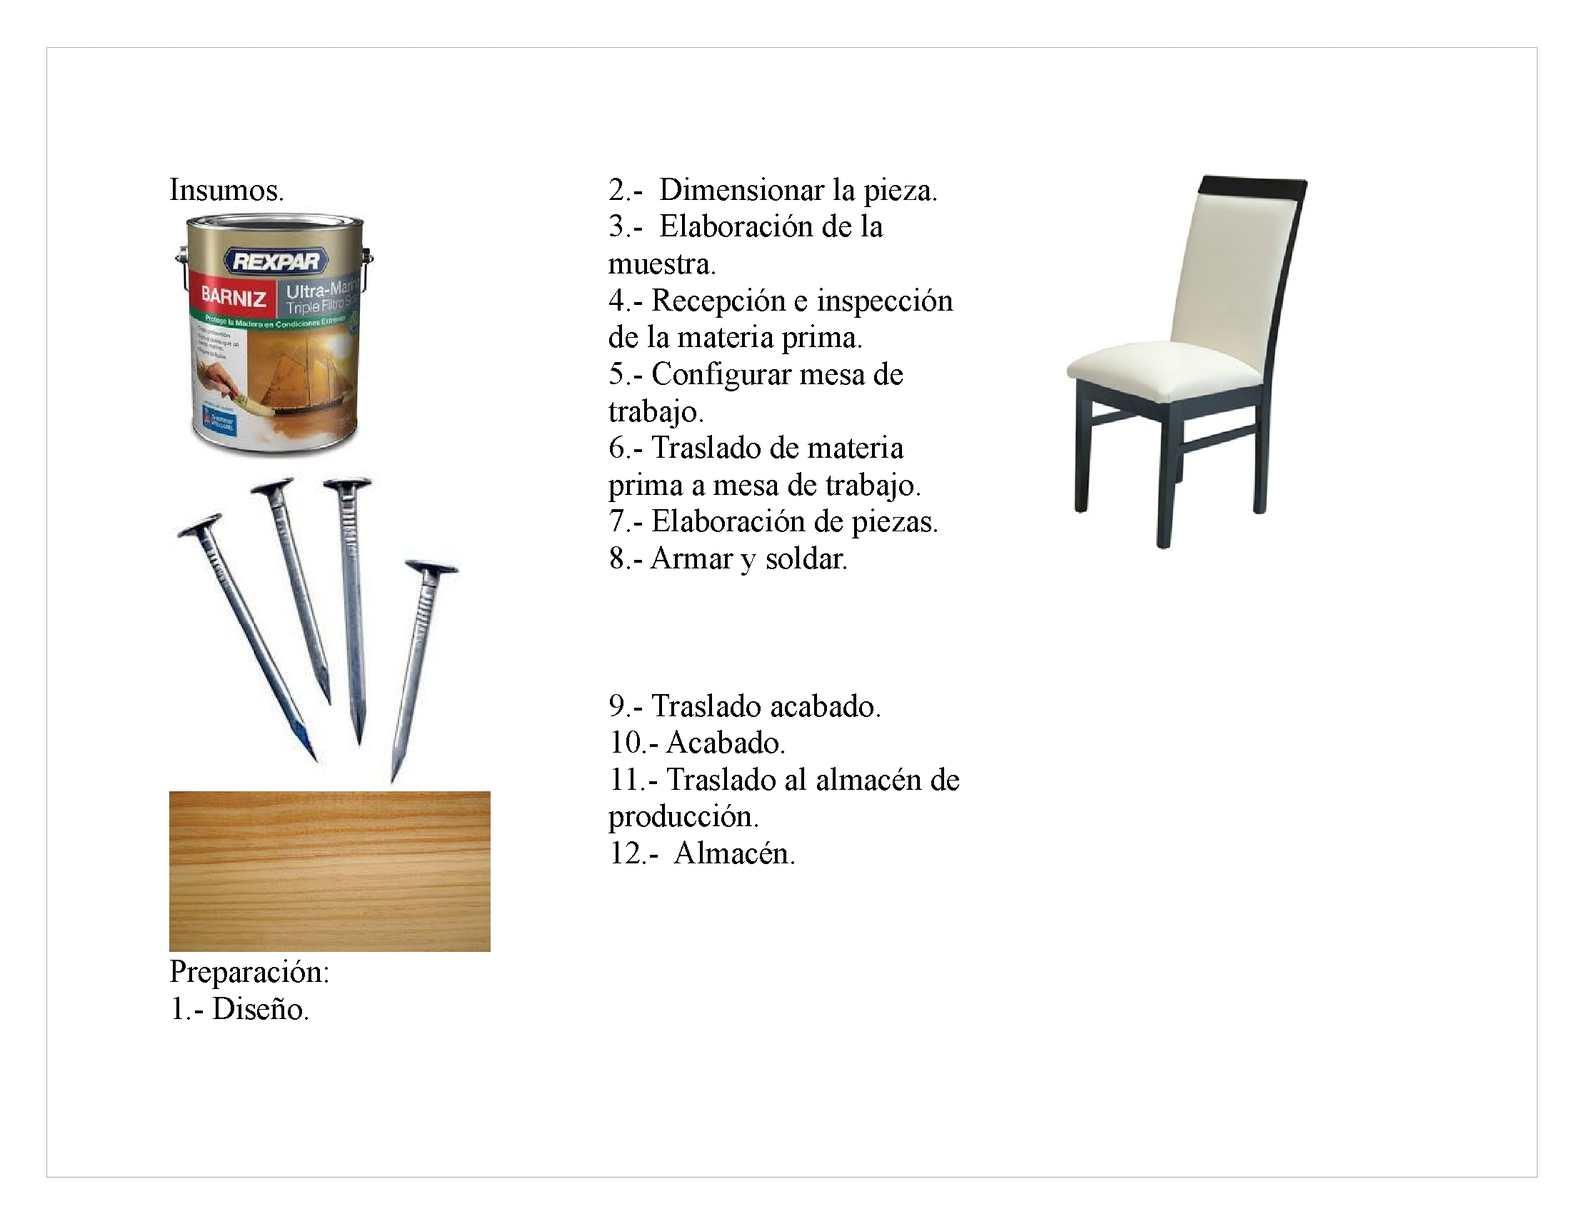 Calam o tr ptico - Como se elabora una silla de madera ...